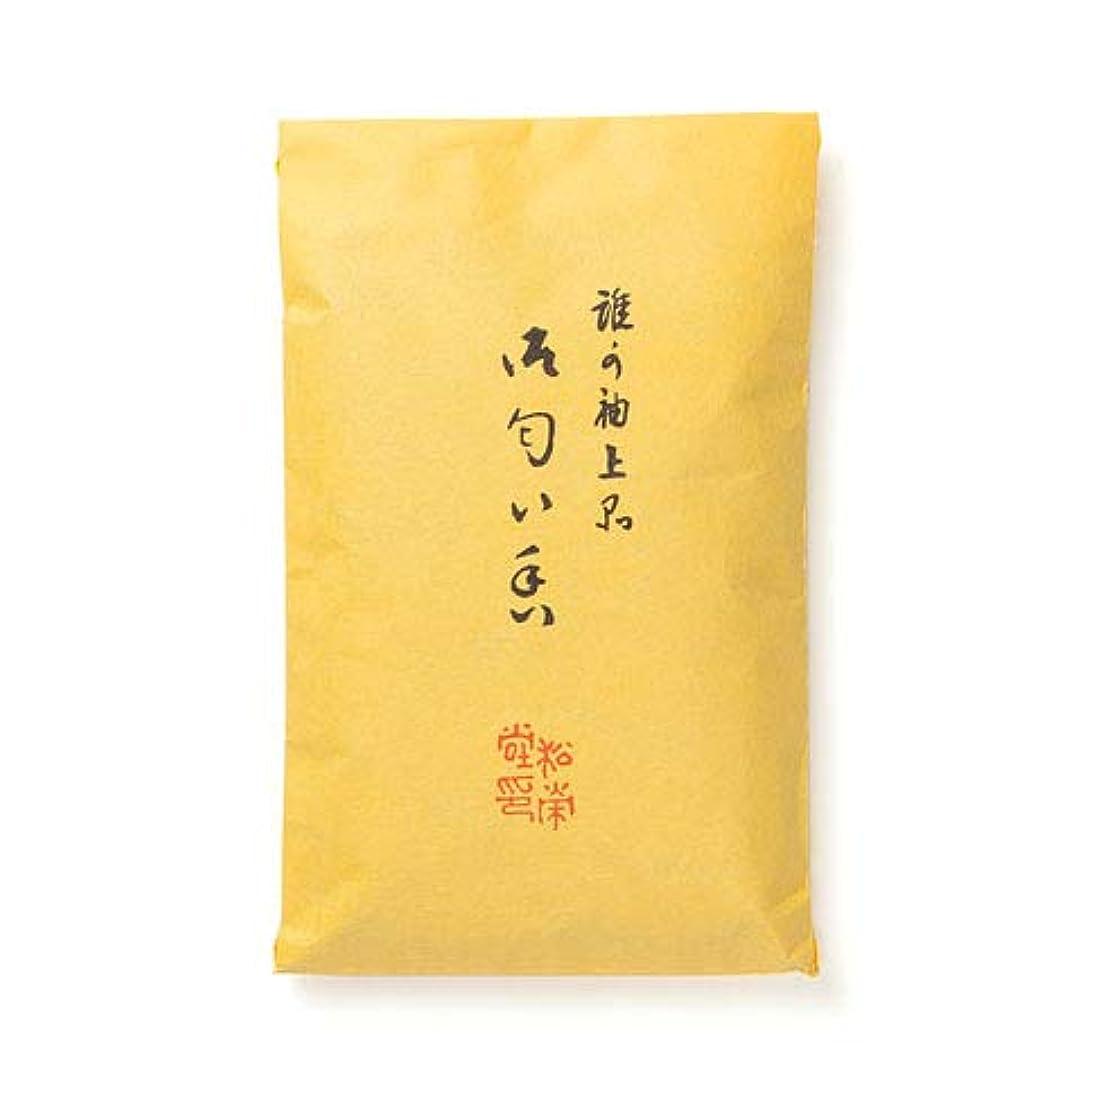 公園保証意志松栄堂 誰が袖 上品 匂い香 50g袋入